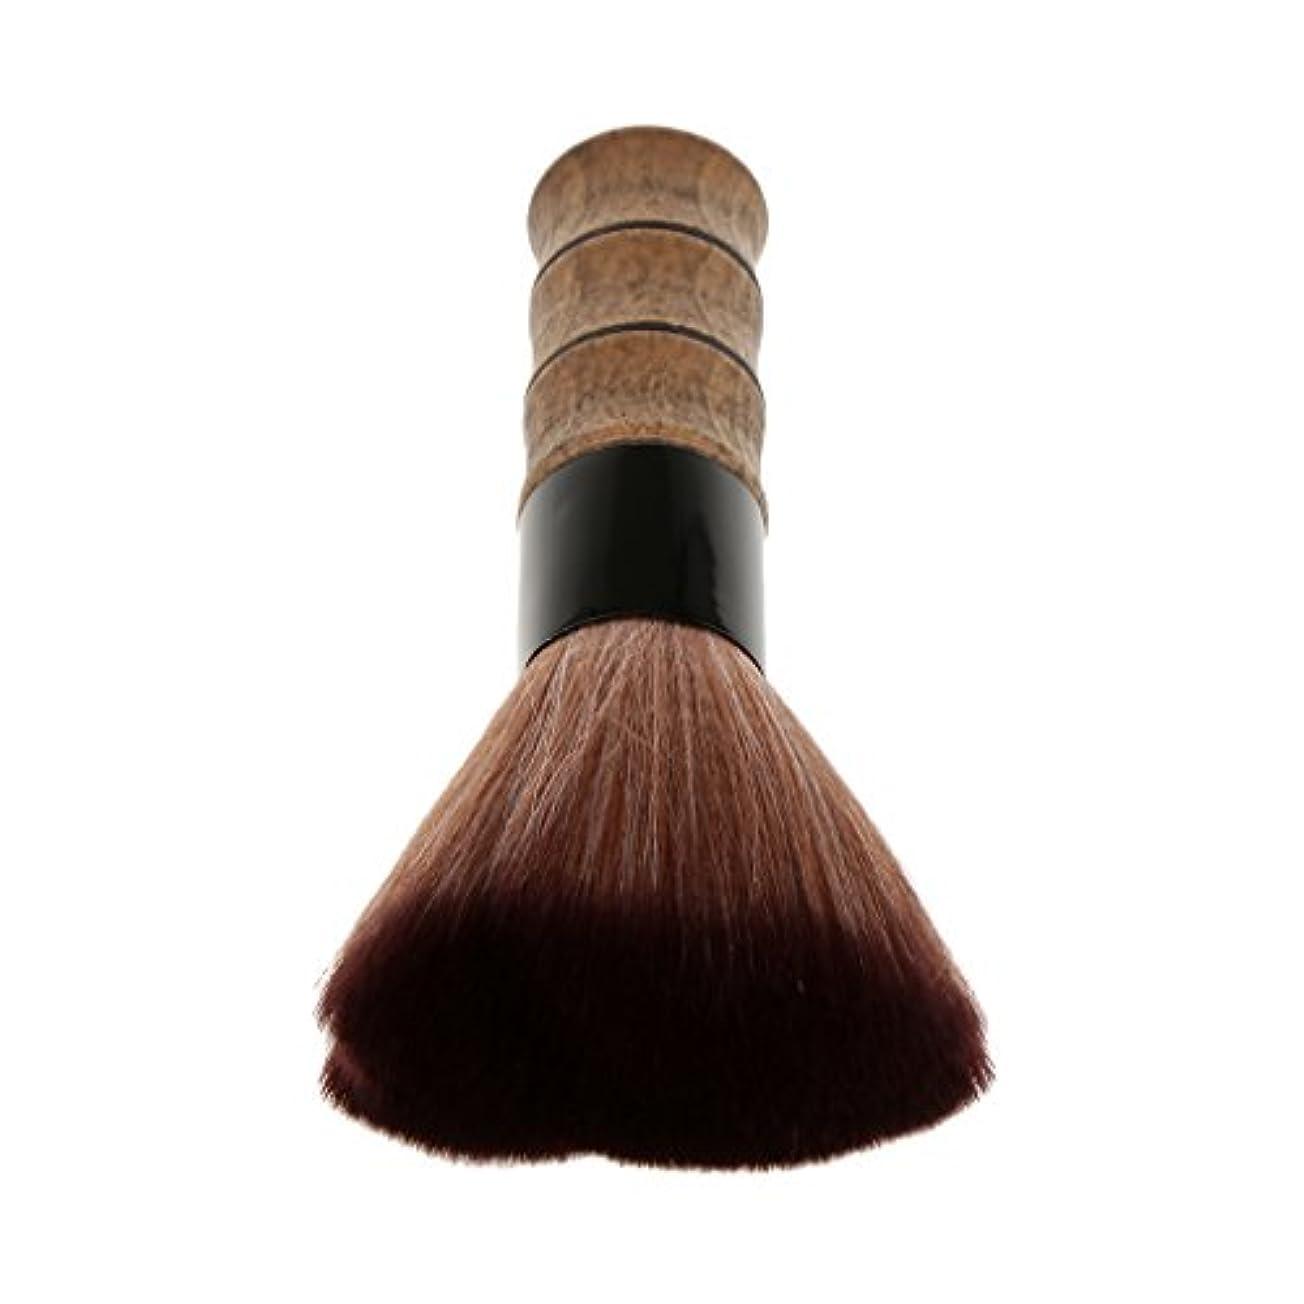 Homyl メイクブラシ シェービングブラシ 超柔らかい 繊維 木製ハンドル 泡立ち 快適 洗顔 プレゼント 2色選べる  - 褐色